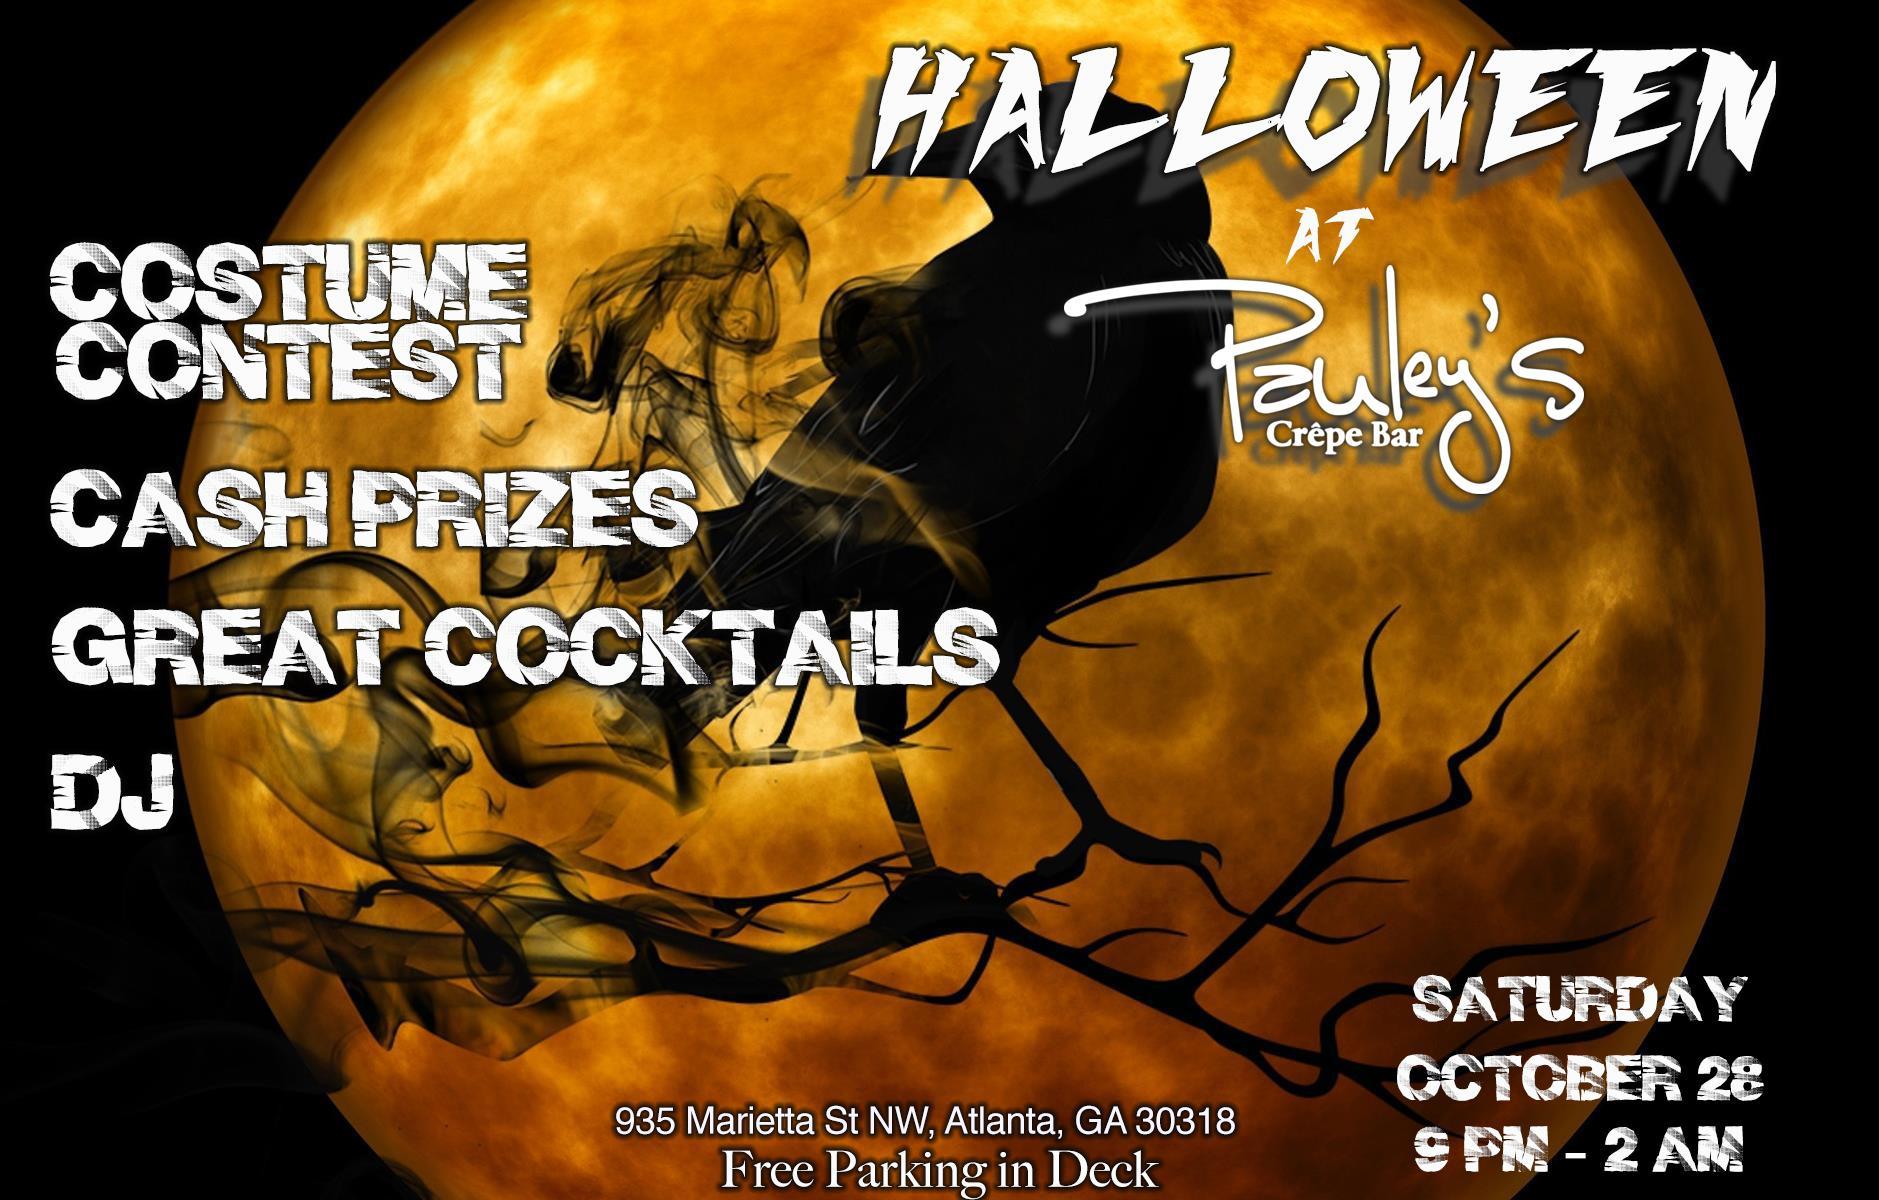 HALLOWEEN PARTY at Pauley's @ Pauley's Crepe Bar, Atlanta - 28 OCT ...